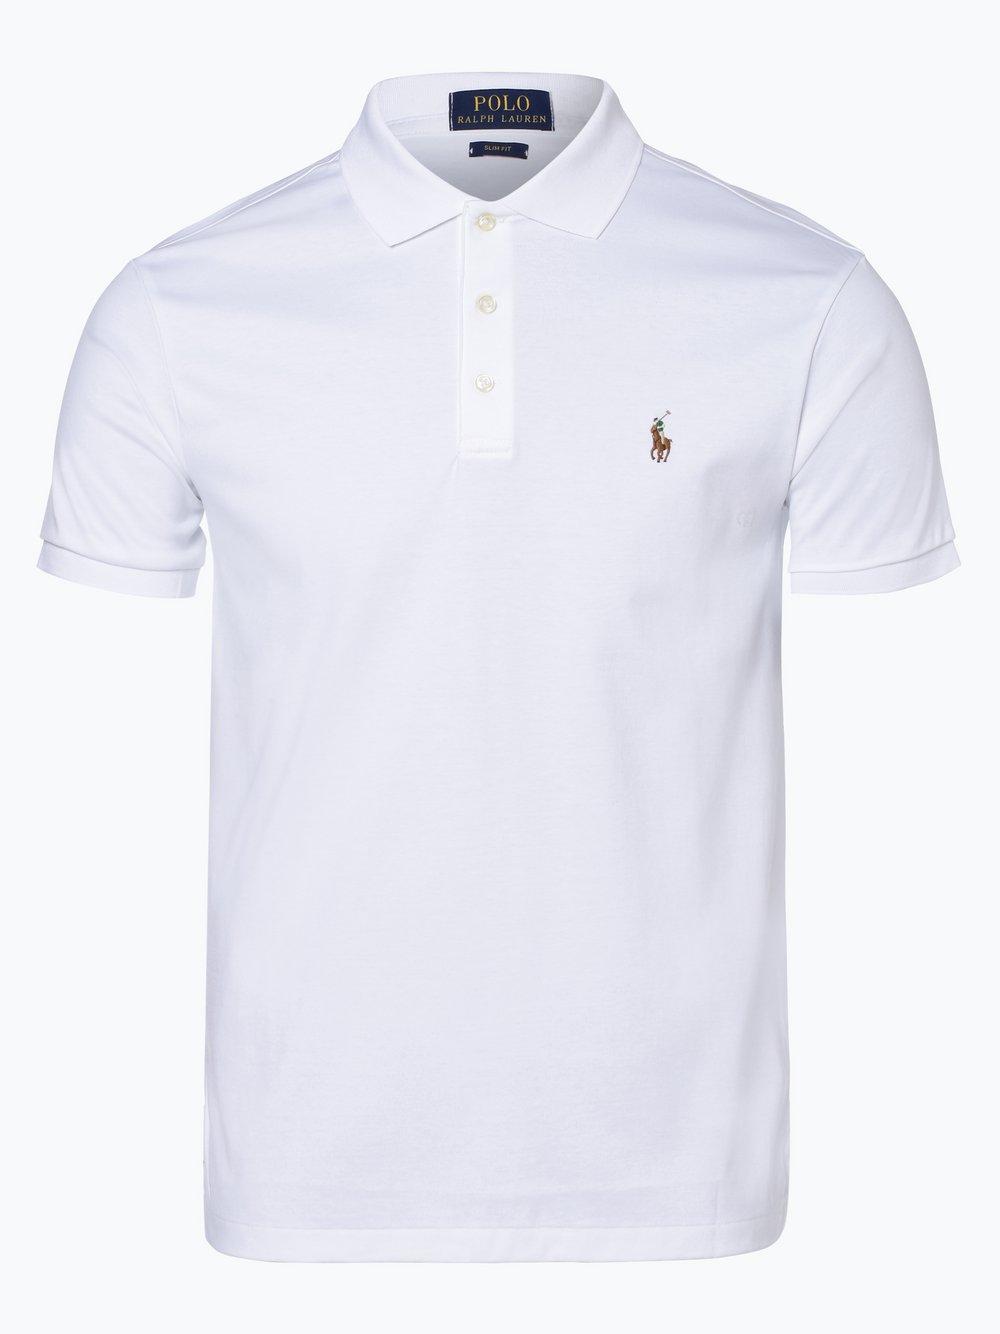 1d1d4be28436 Polo Ralph Lauren Herren Poloshirt Slim Fit online kaufen   VANGRAAF.COM